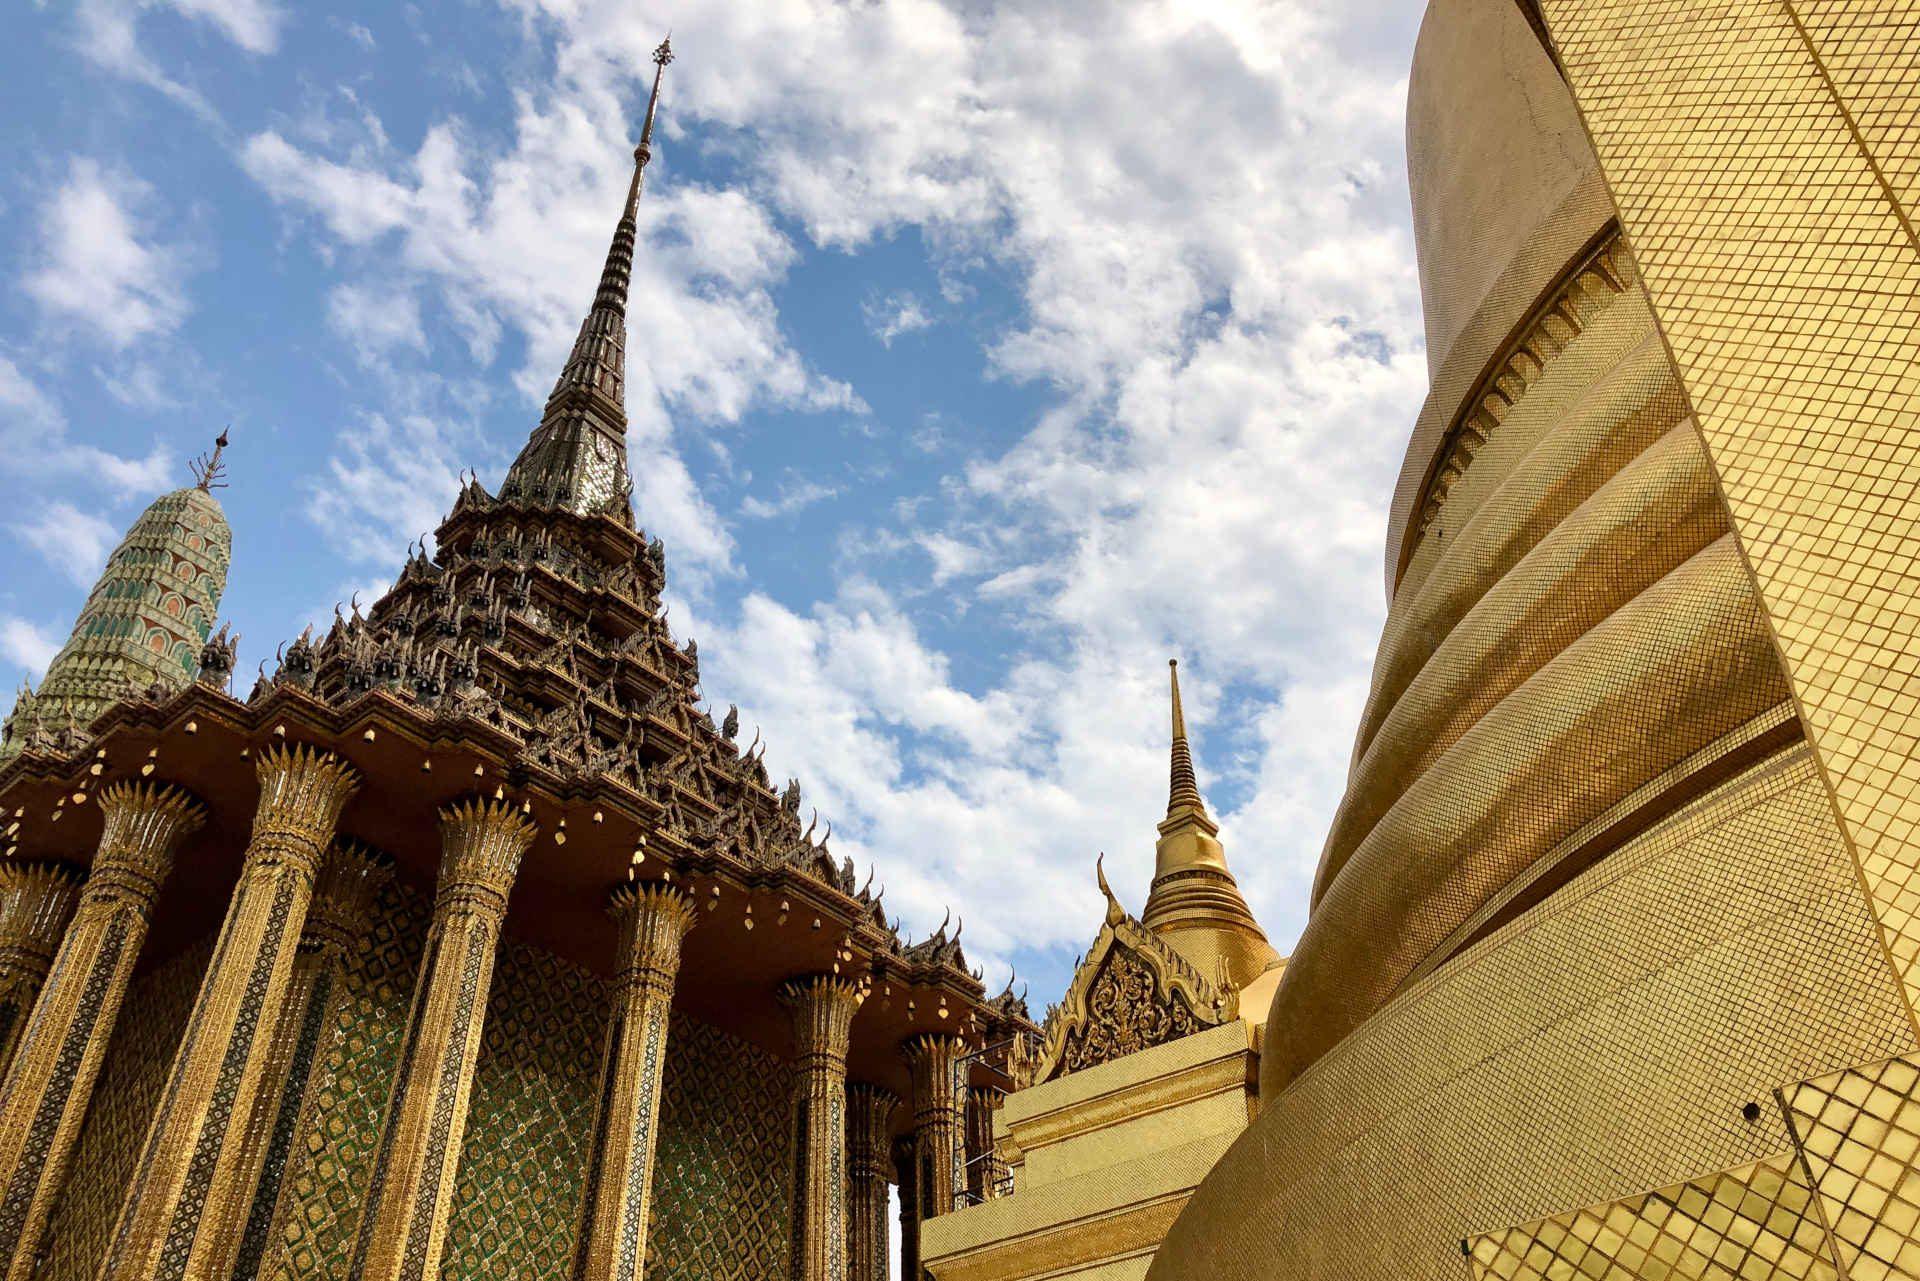 The glittering Royal Grand Palace in Bangkok